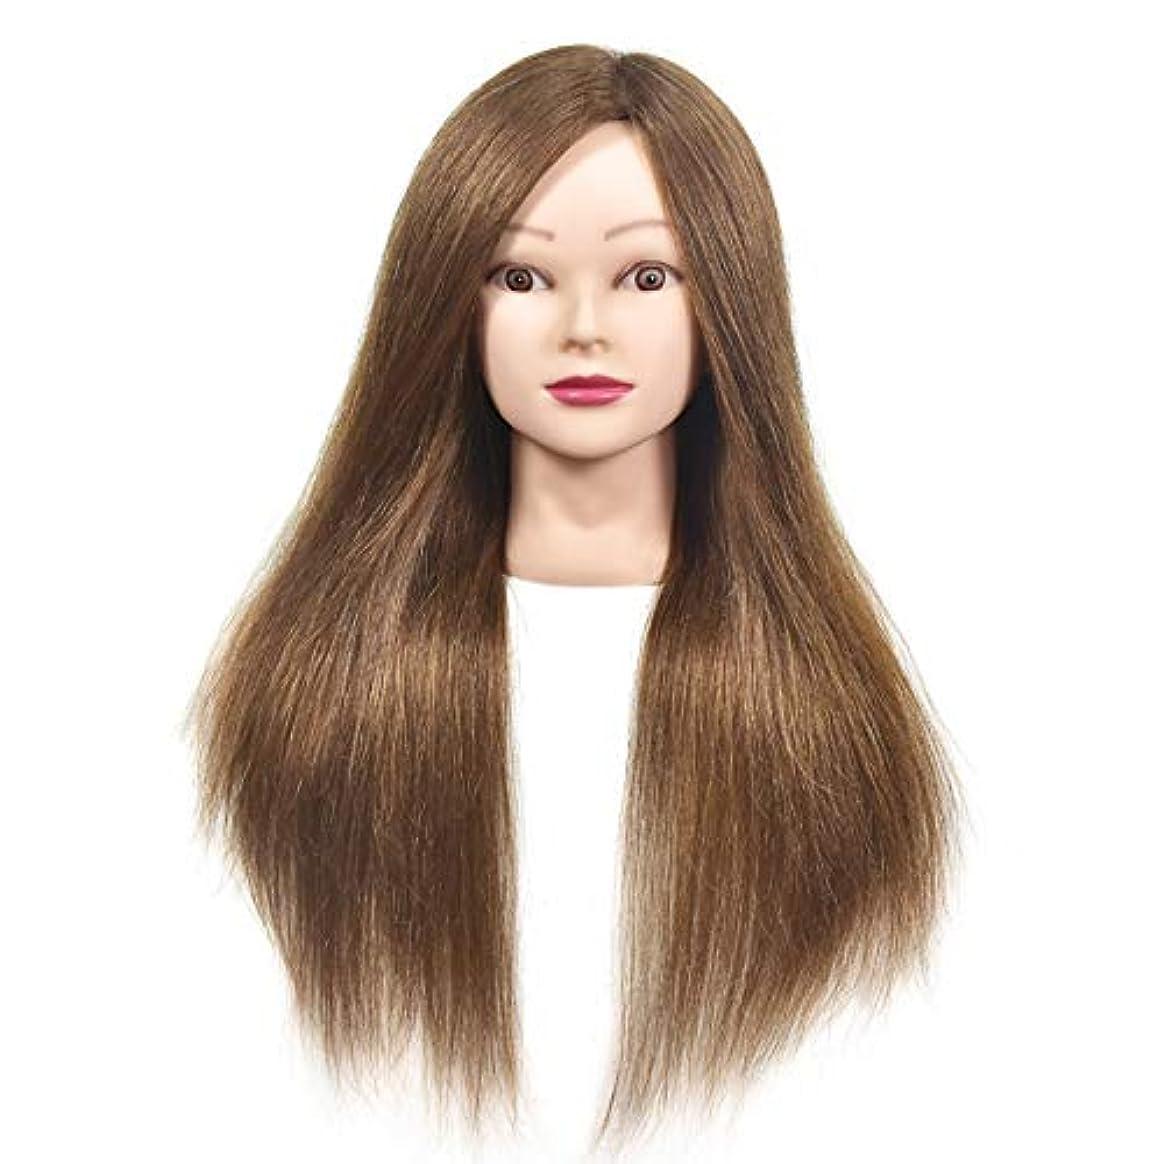 無視免除フラフープ本物の人間の髪のかつらの頭の金型の頭の編み出しスタイリングのマネキン頭の理髪店の練習の教師のダミーヘッド